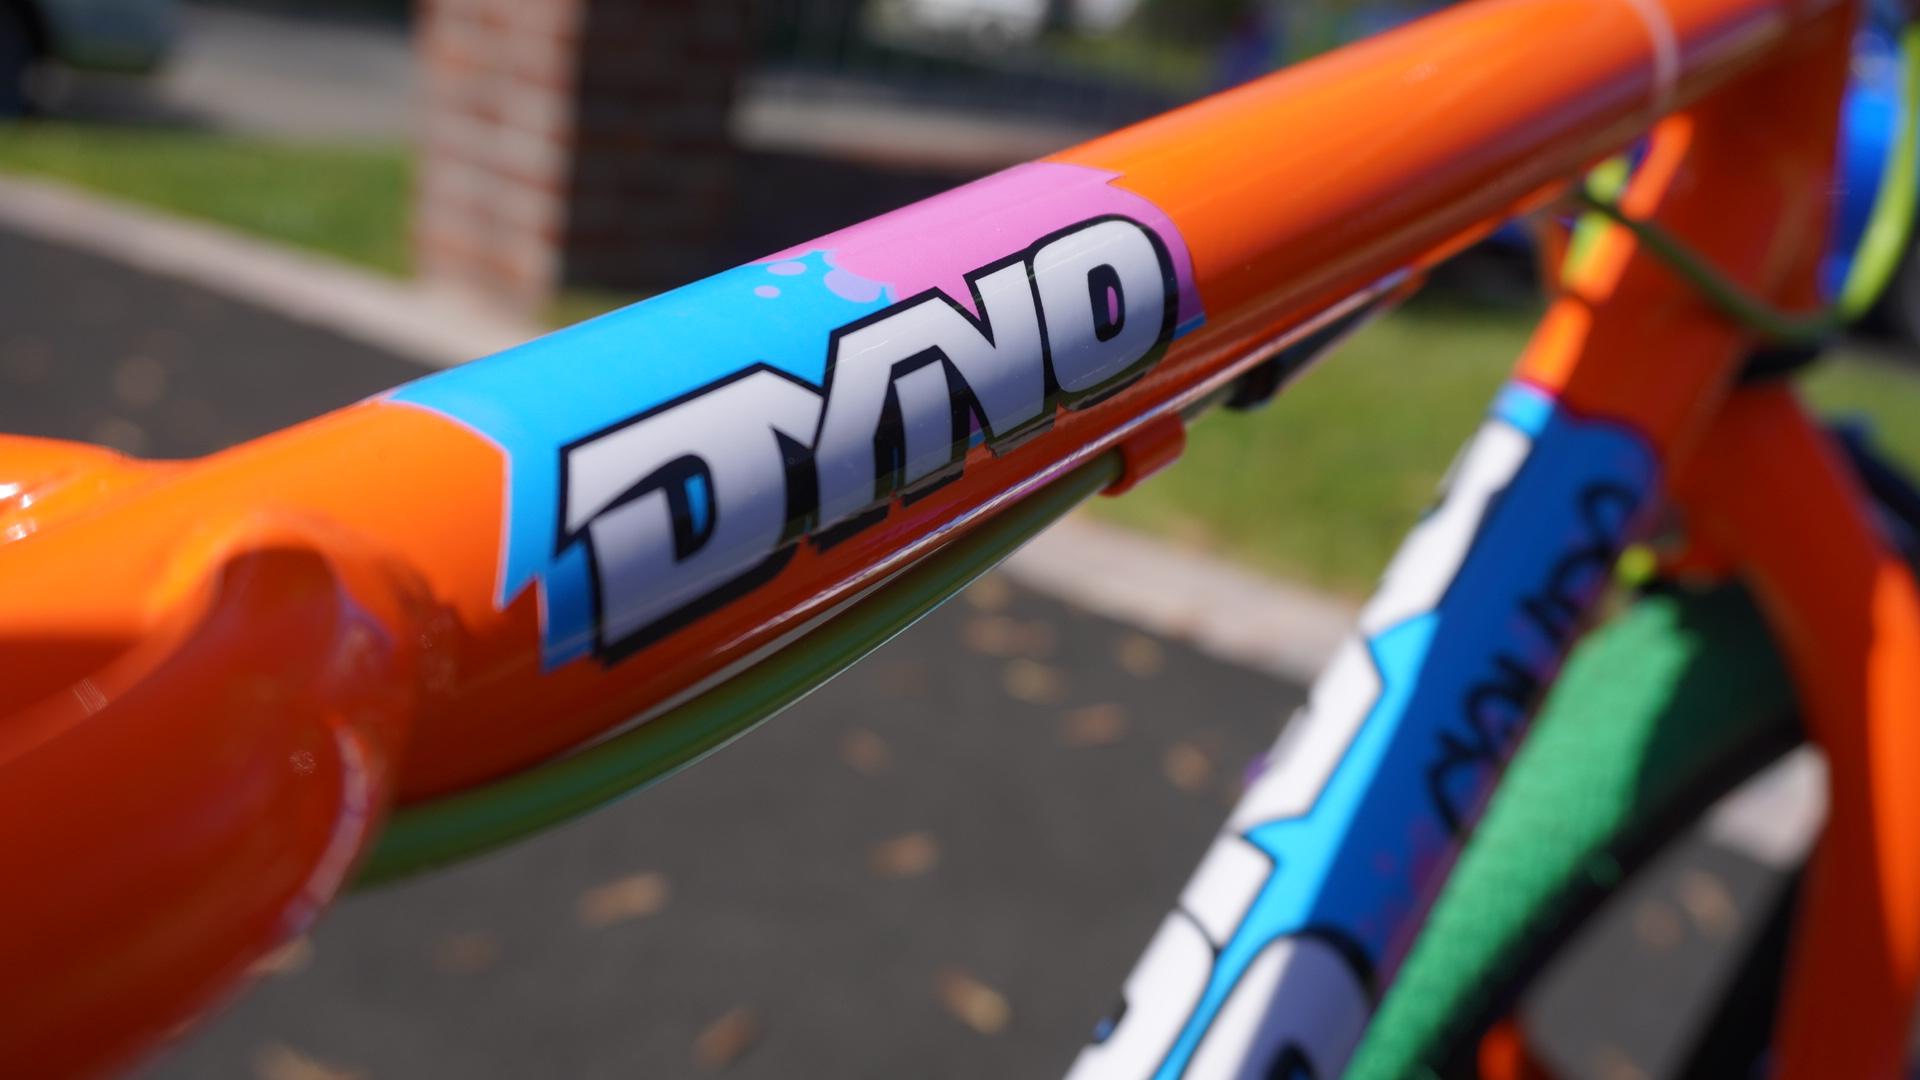 1990 dyno compe, top tube